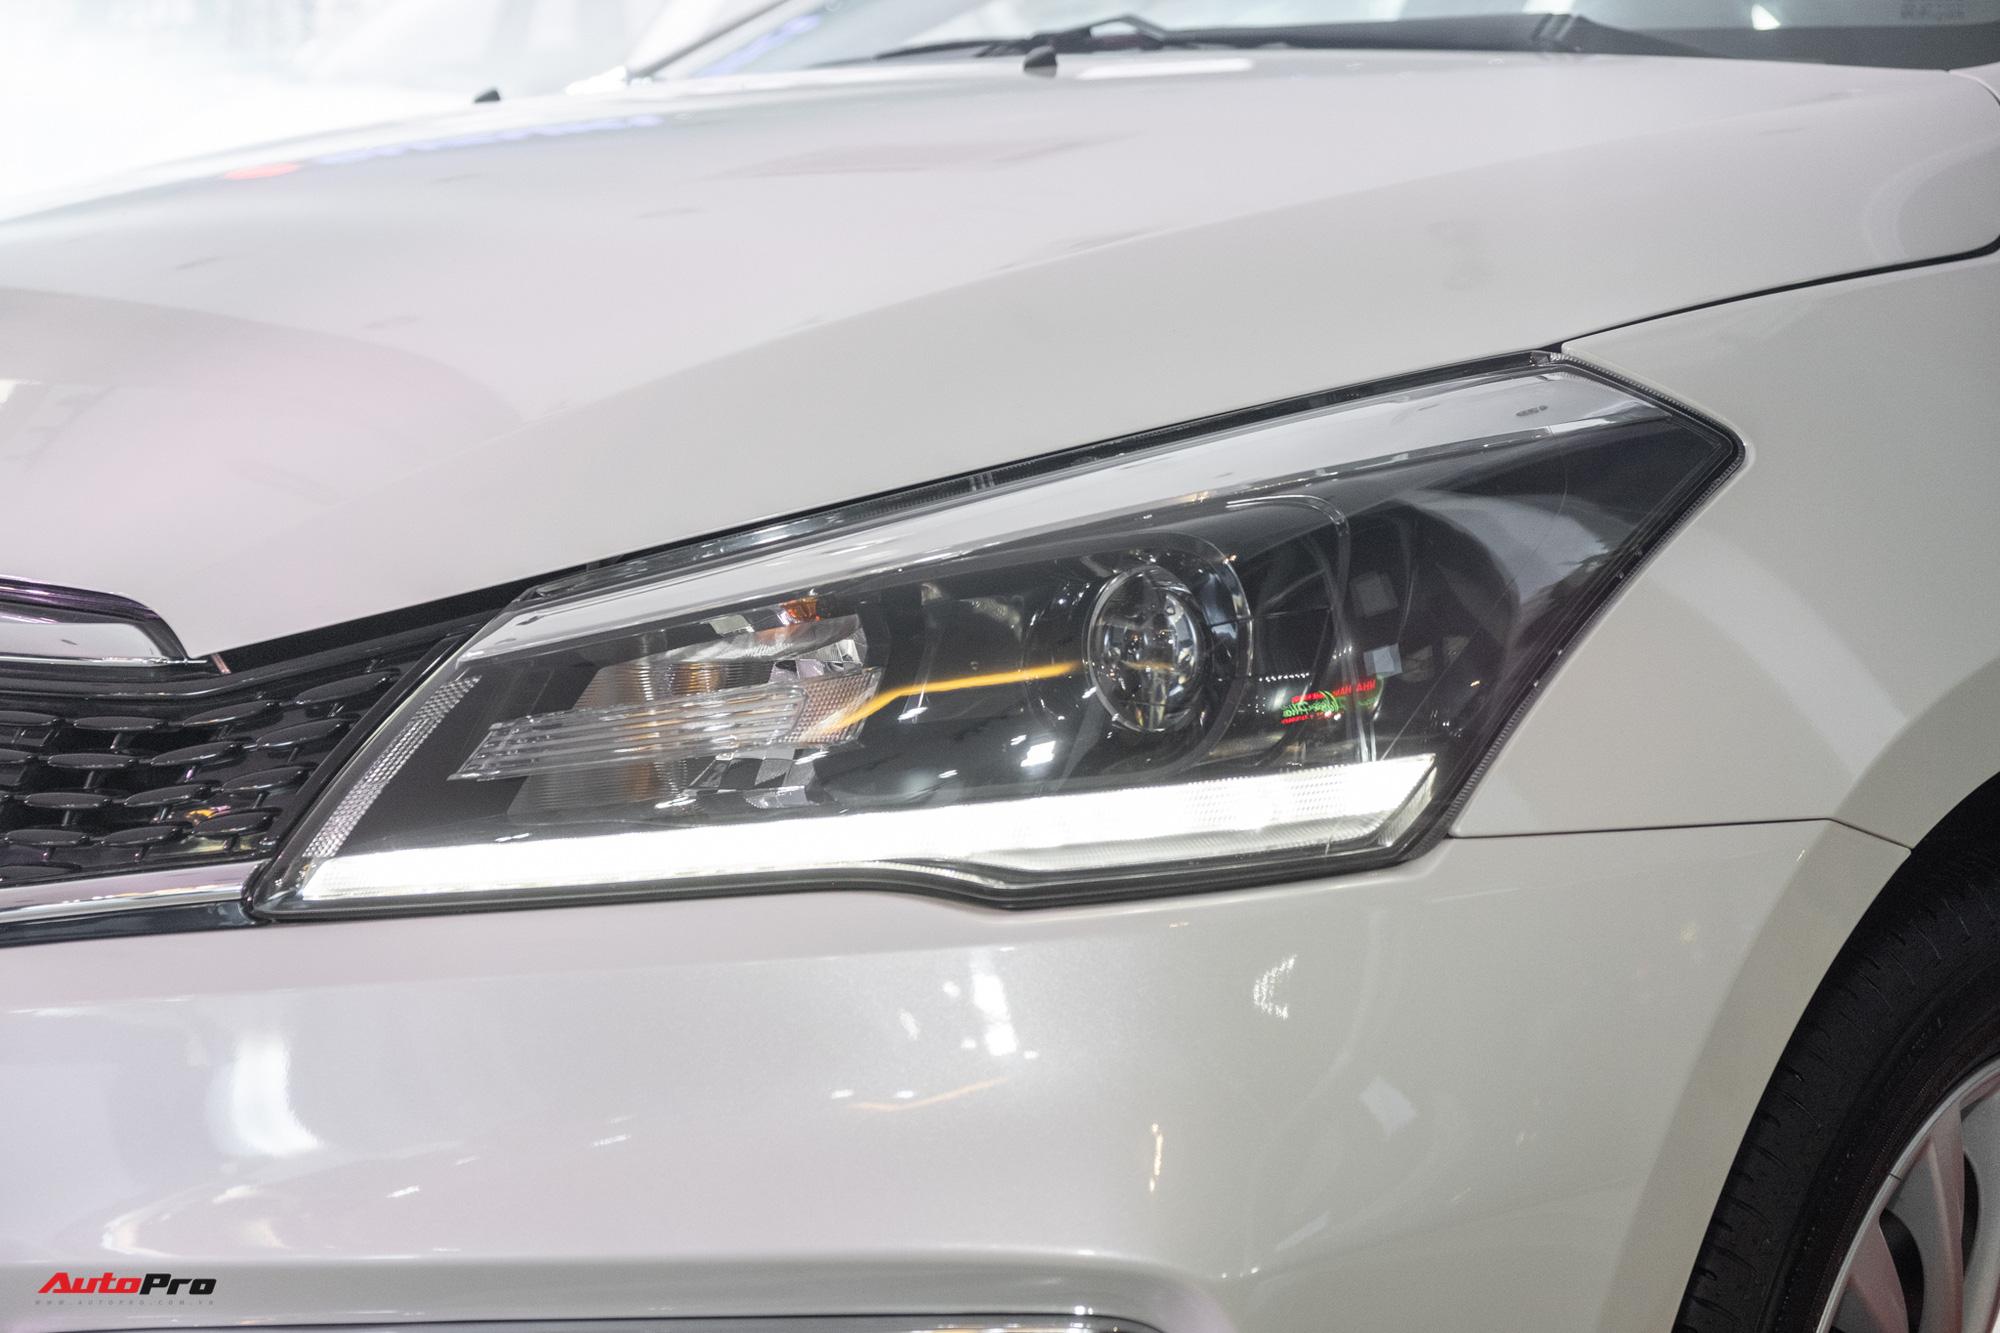 Ra mắt Suzuki Ciaz 2020: Giá 529 triệu đồng, thêm nhiều công nghệ đấu Toyota Vios